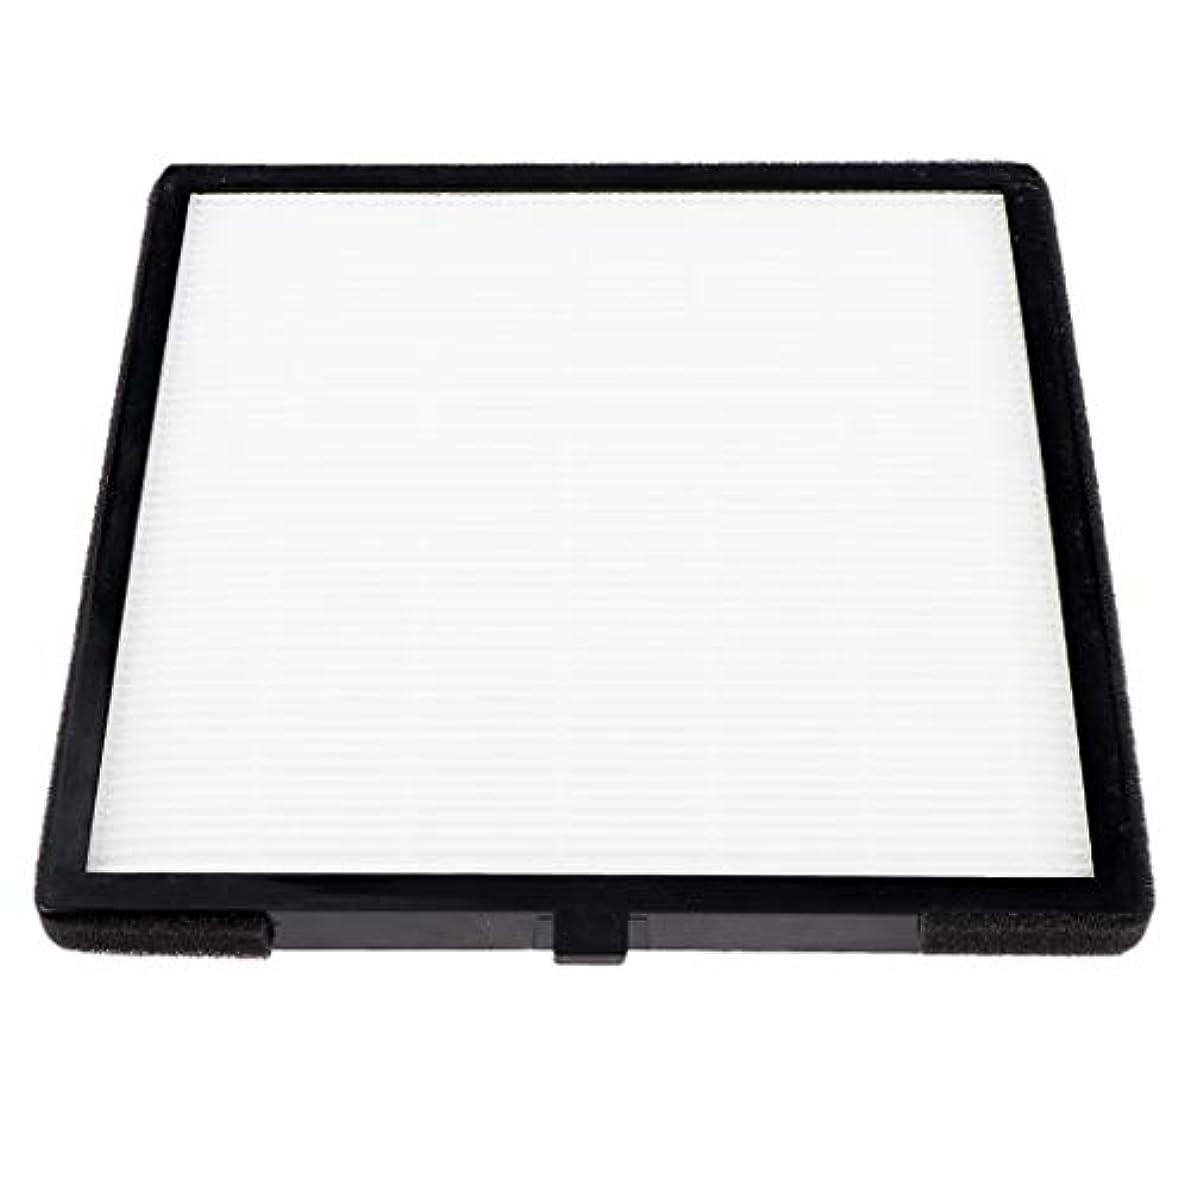 軽減する文庫本適切にネイル ネイルアート ダストコレクターフィルタースクリーン 集塵機フィルター 集塵装置